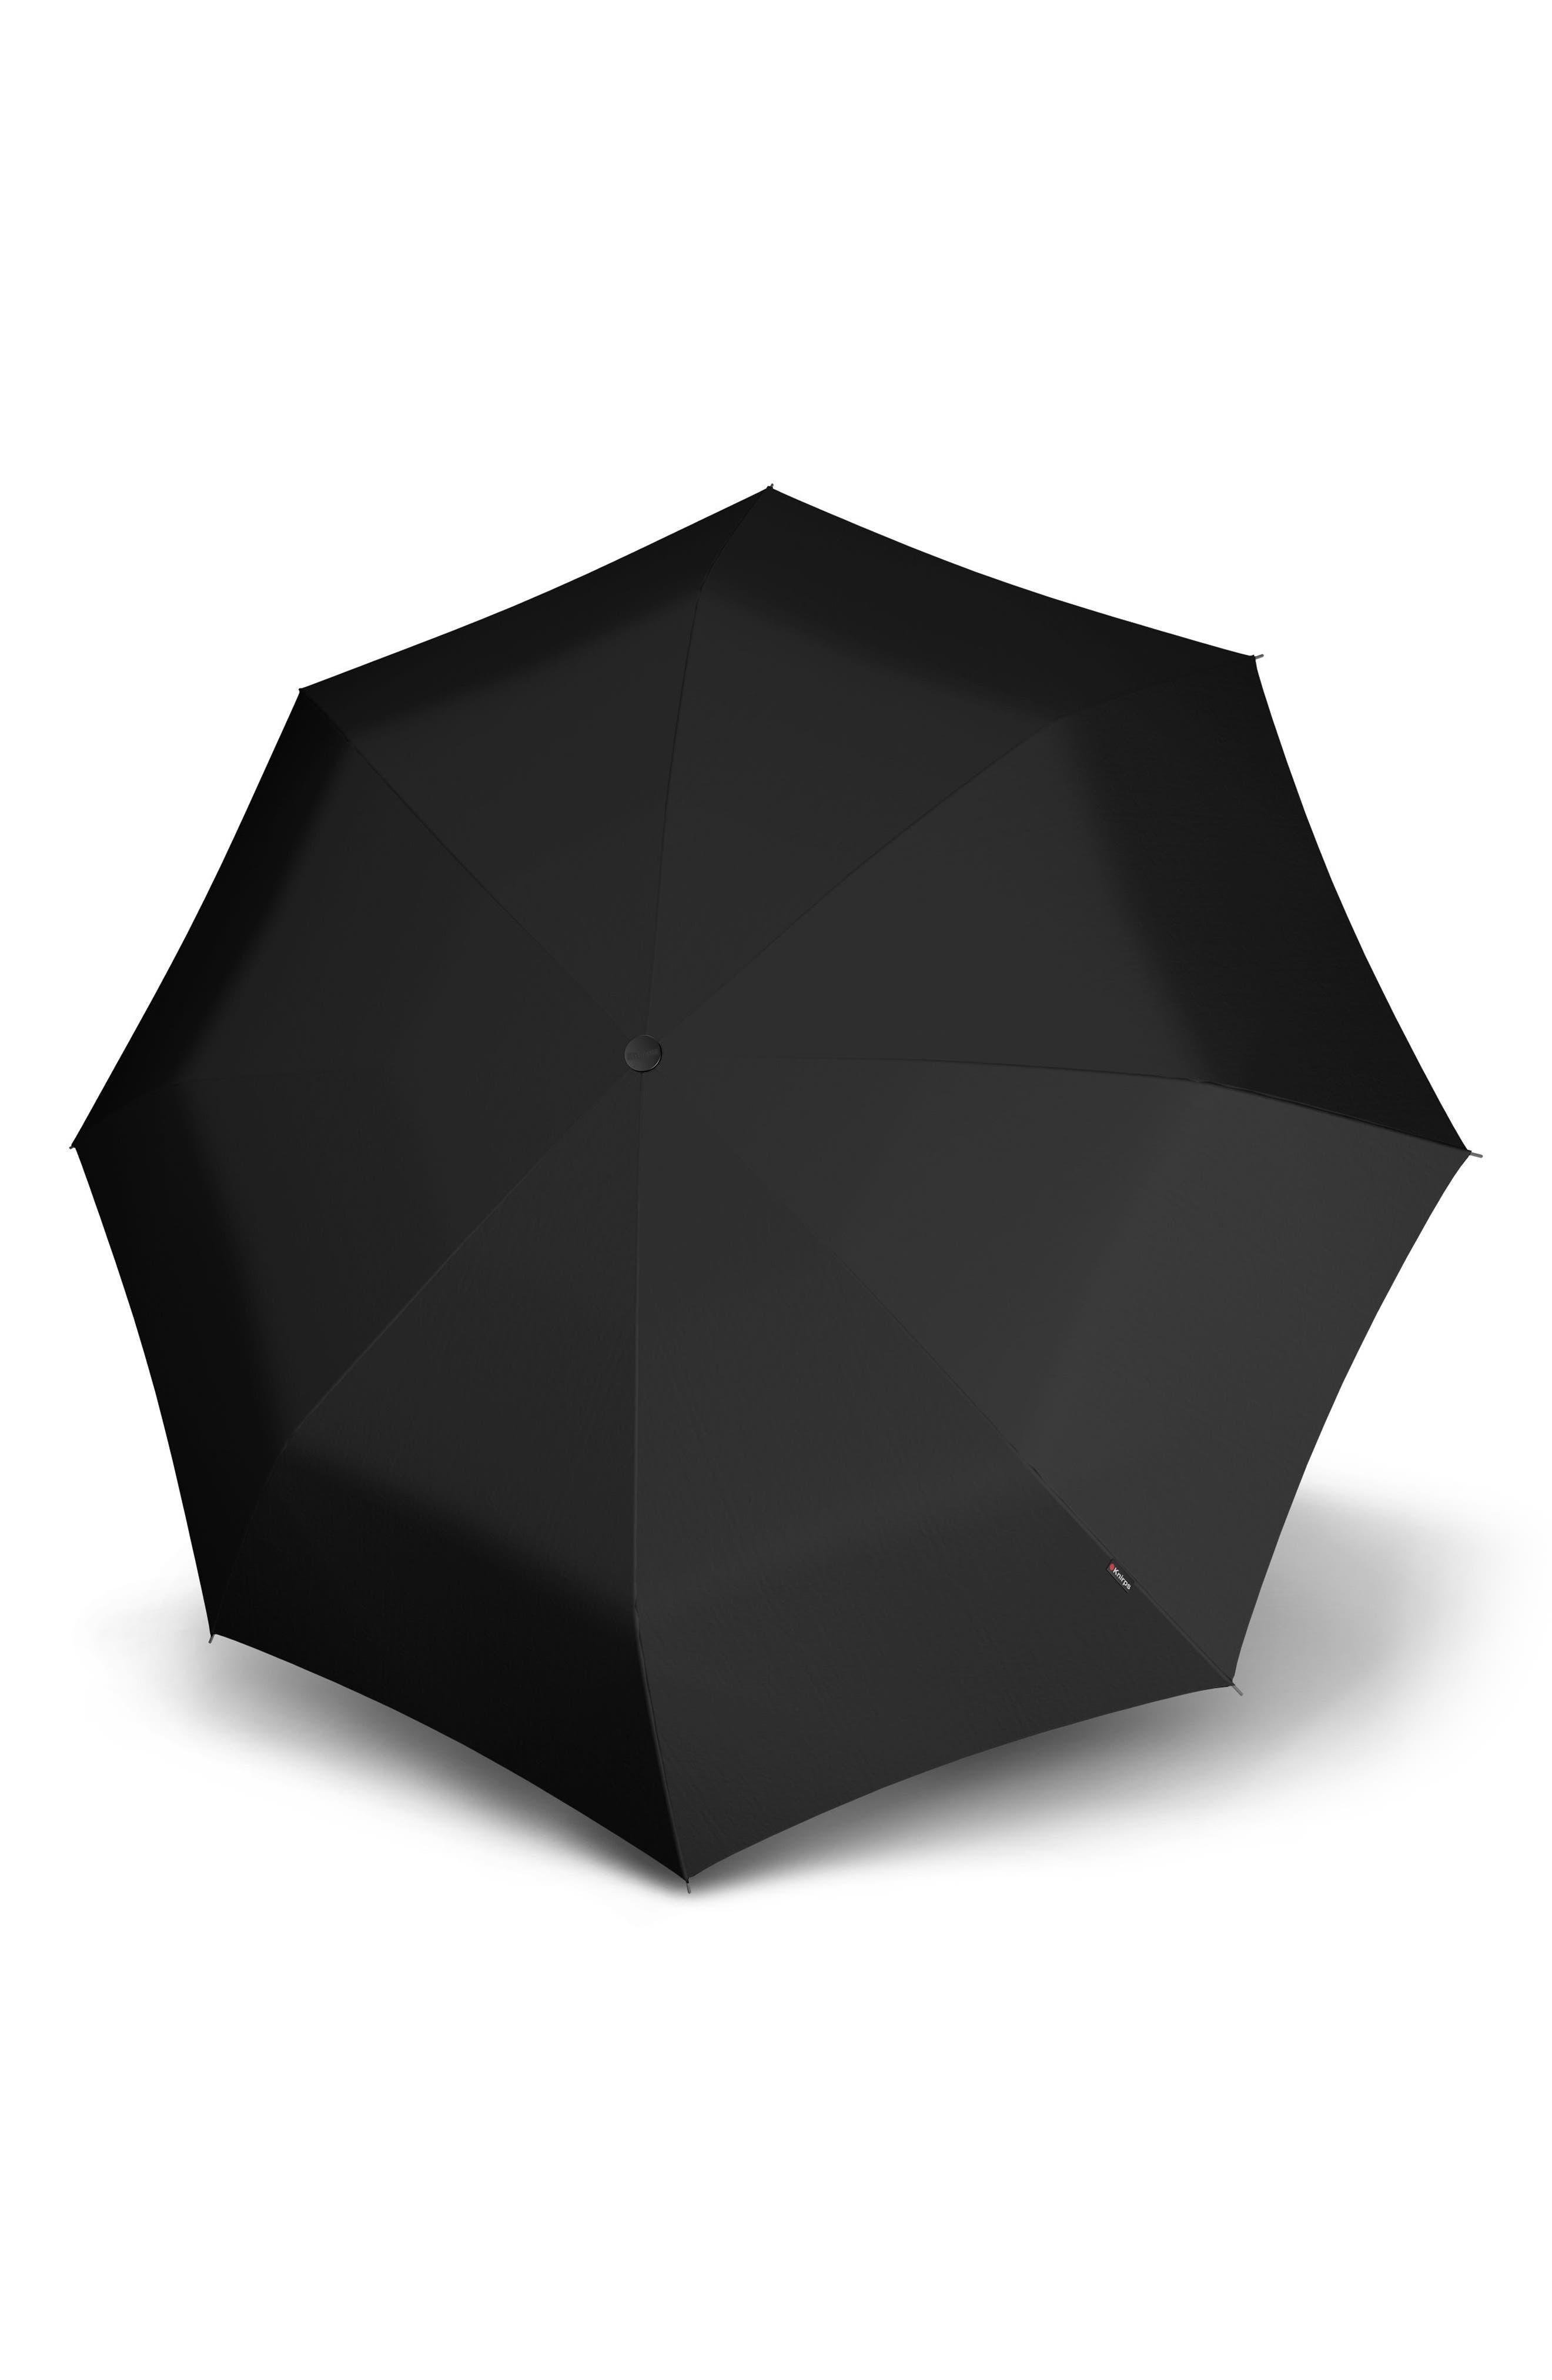 T2 Duomatic Compact Auto Open/Close Umbrella,                         Main,                         color, Black